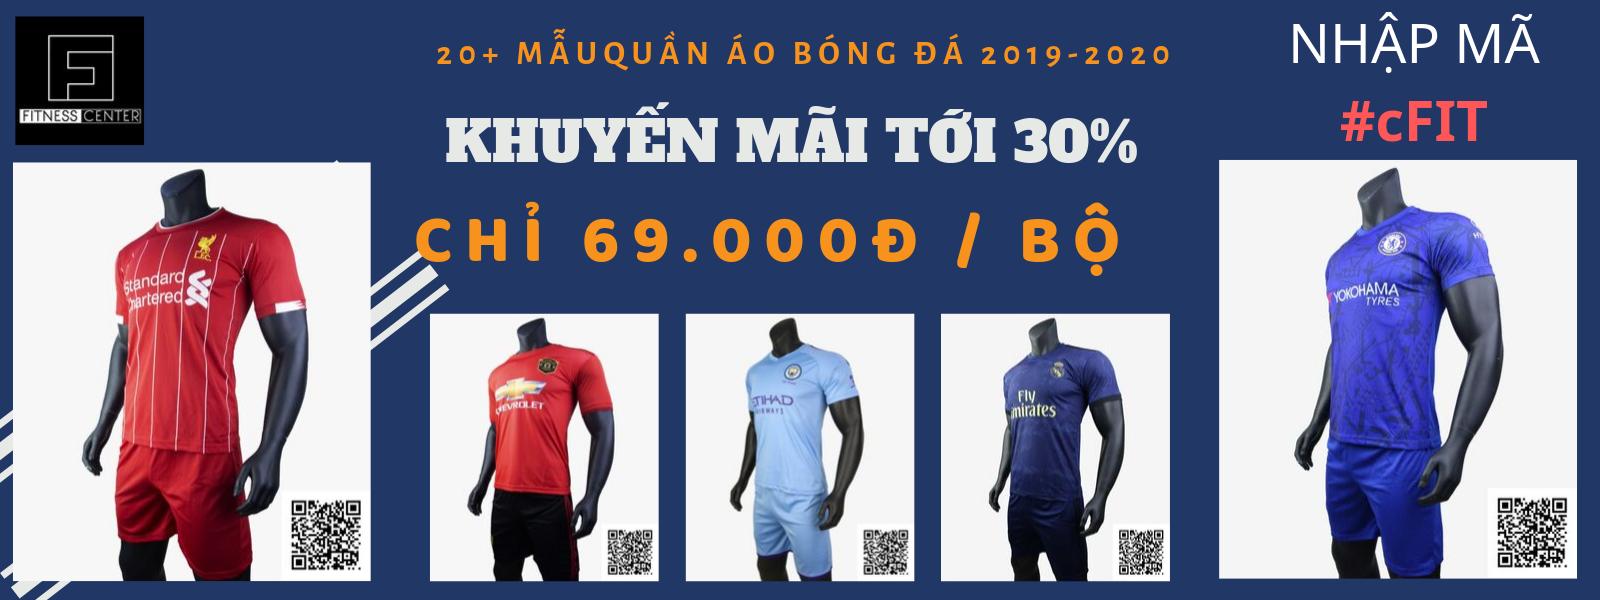 Quần áo bóng đá 2019-2020